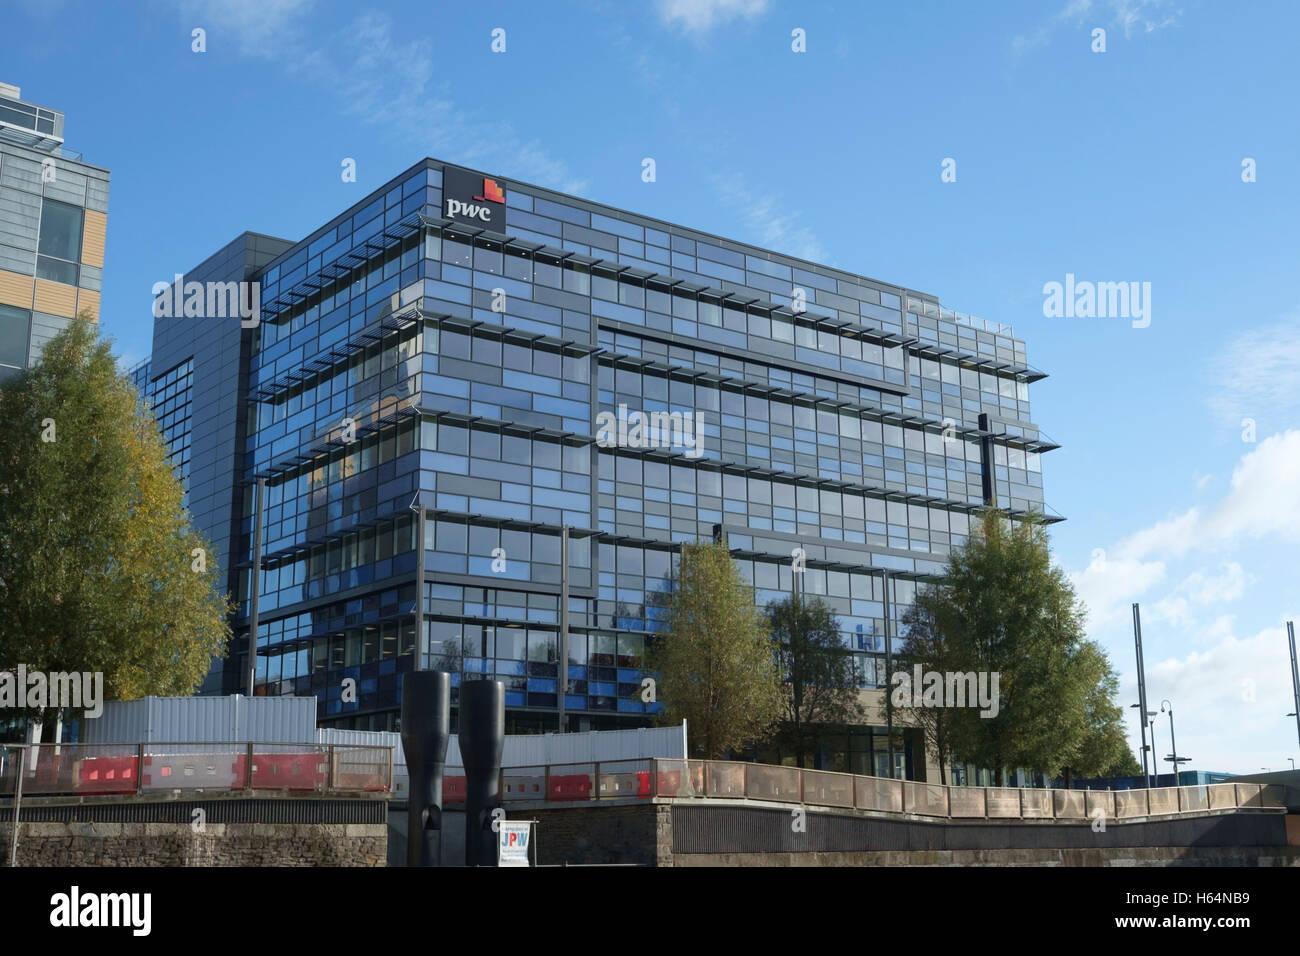 Around Bristol City. PWC Building - Stock Image